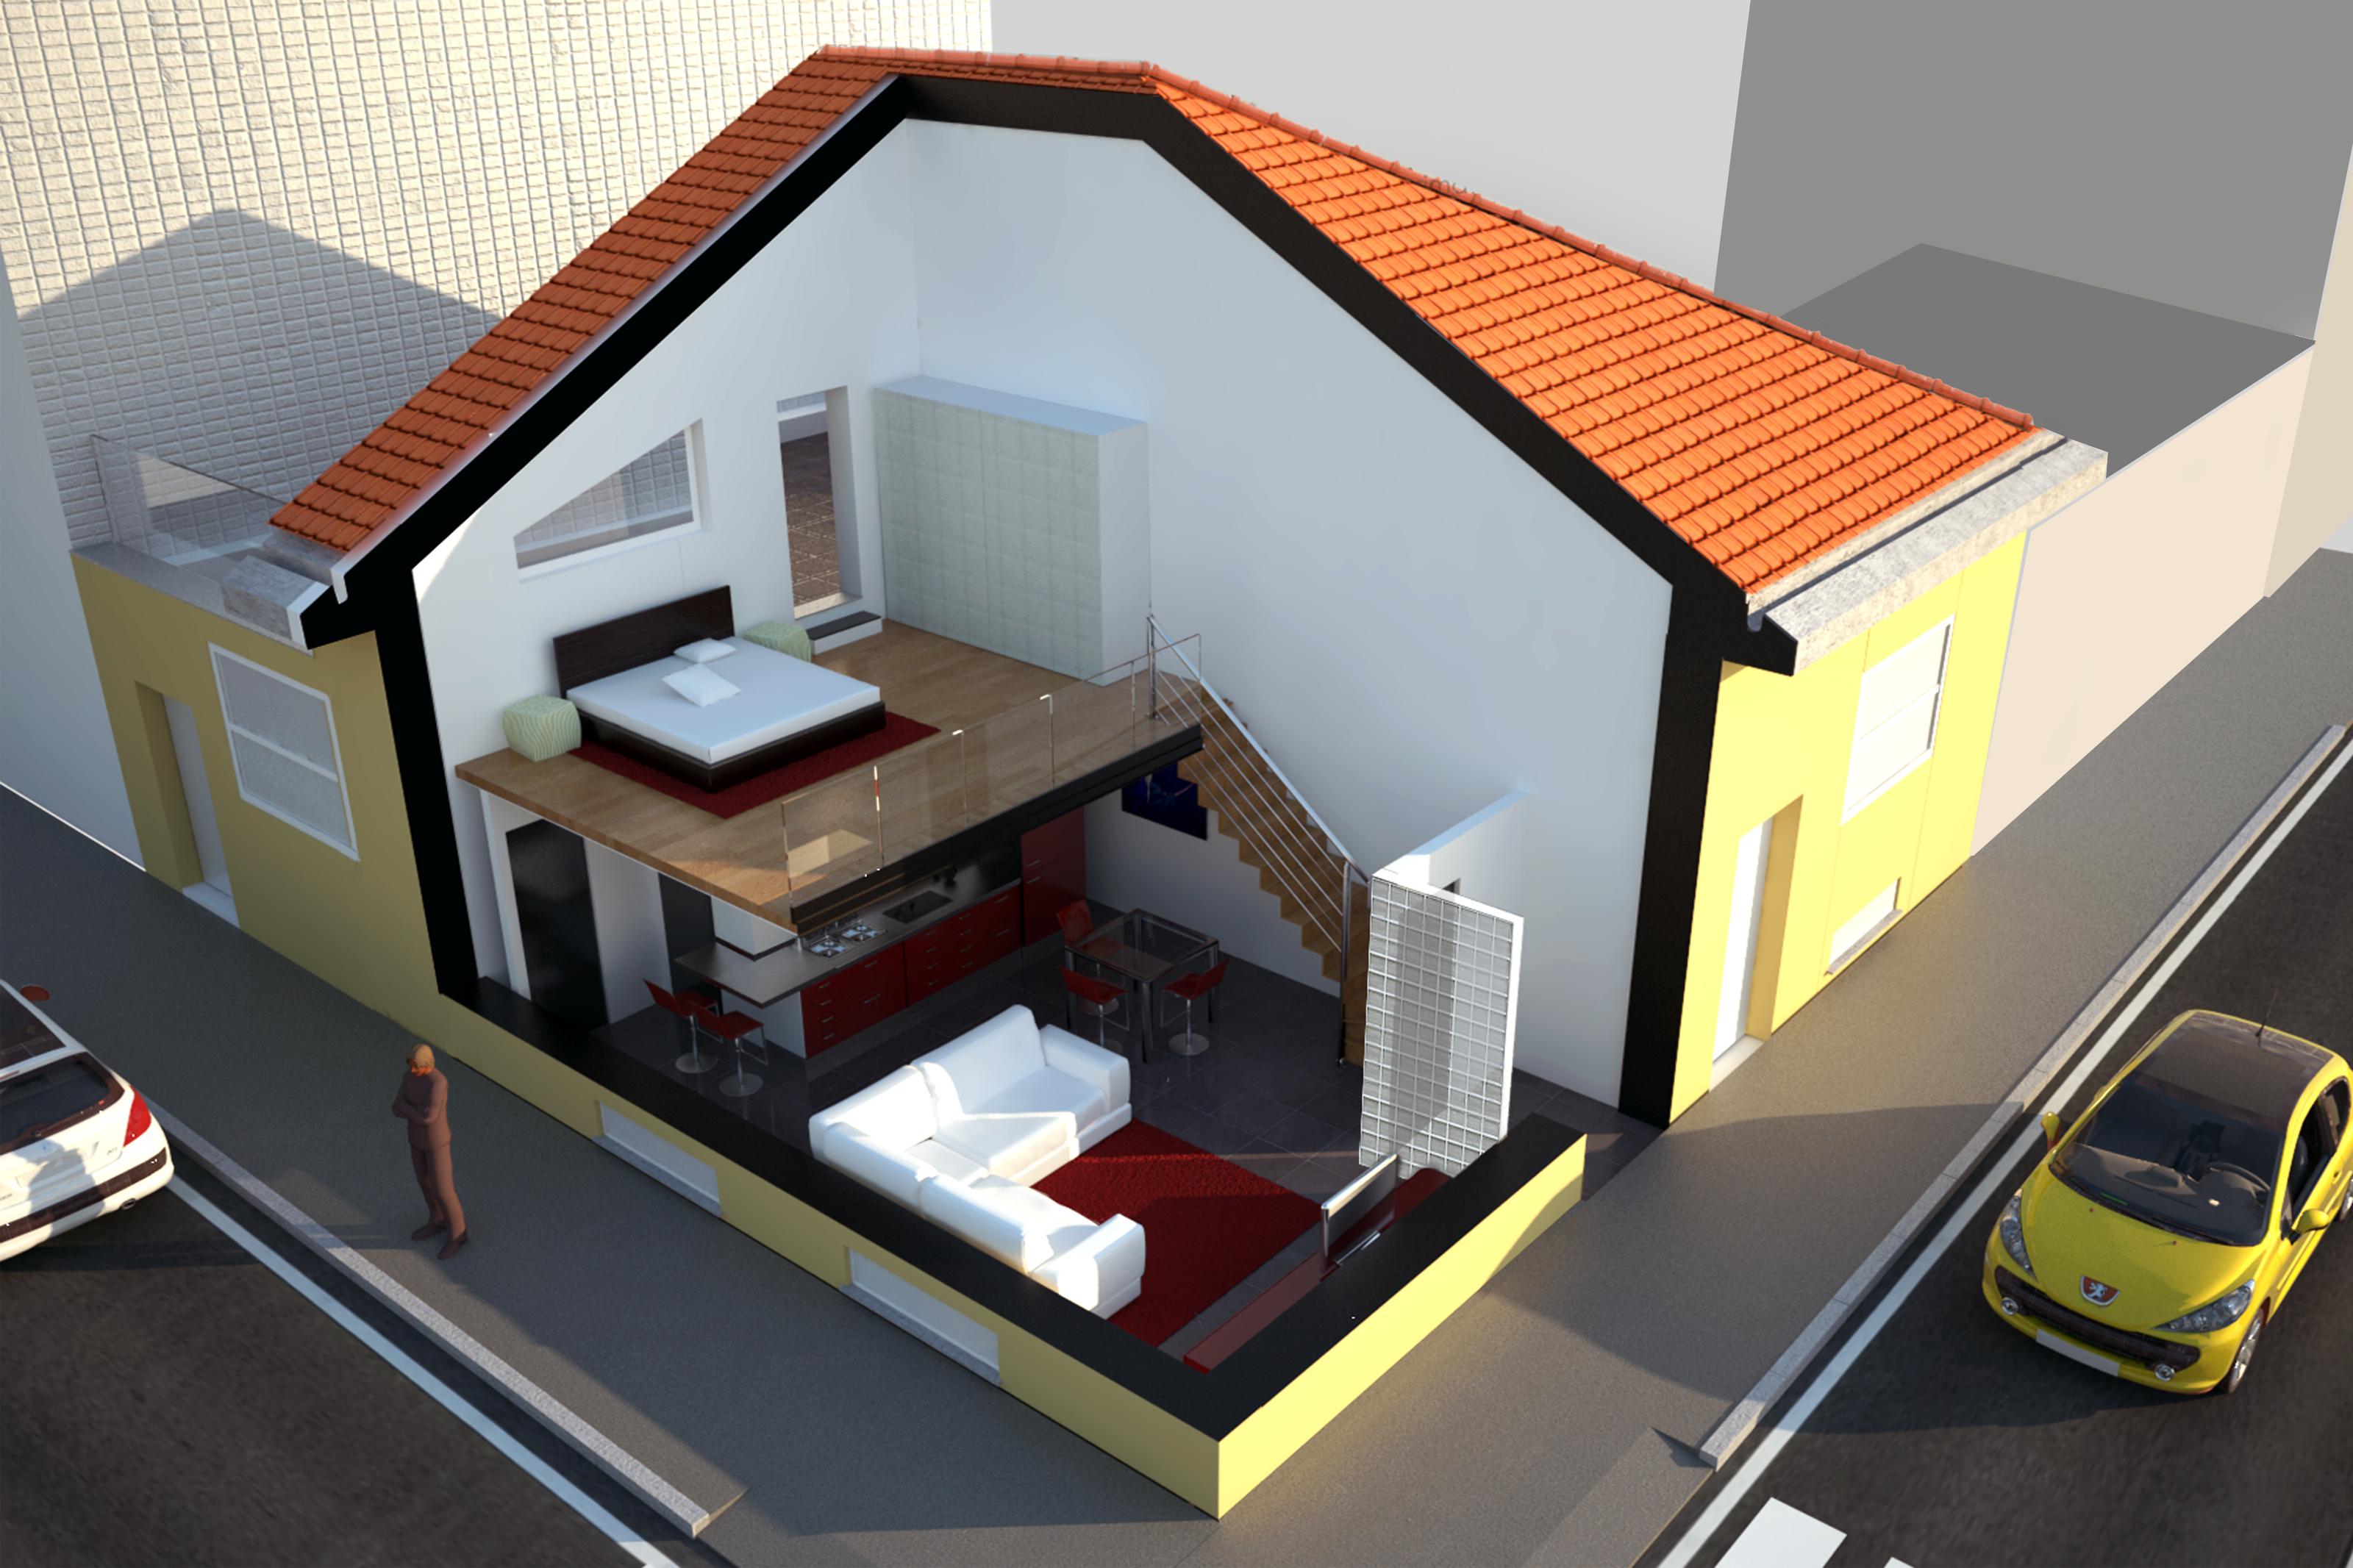 Vendita loft open space torino torino italia via luca for Loft open space torino